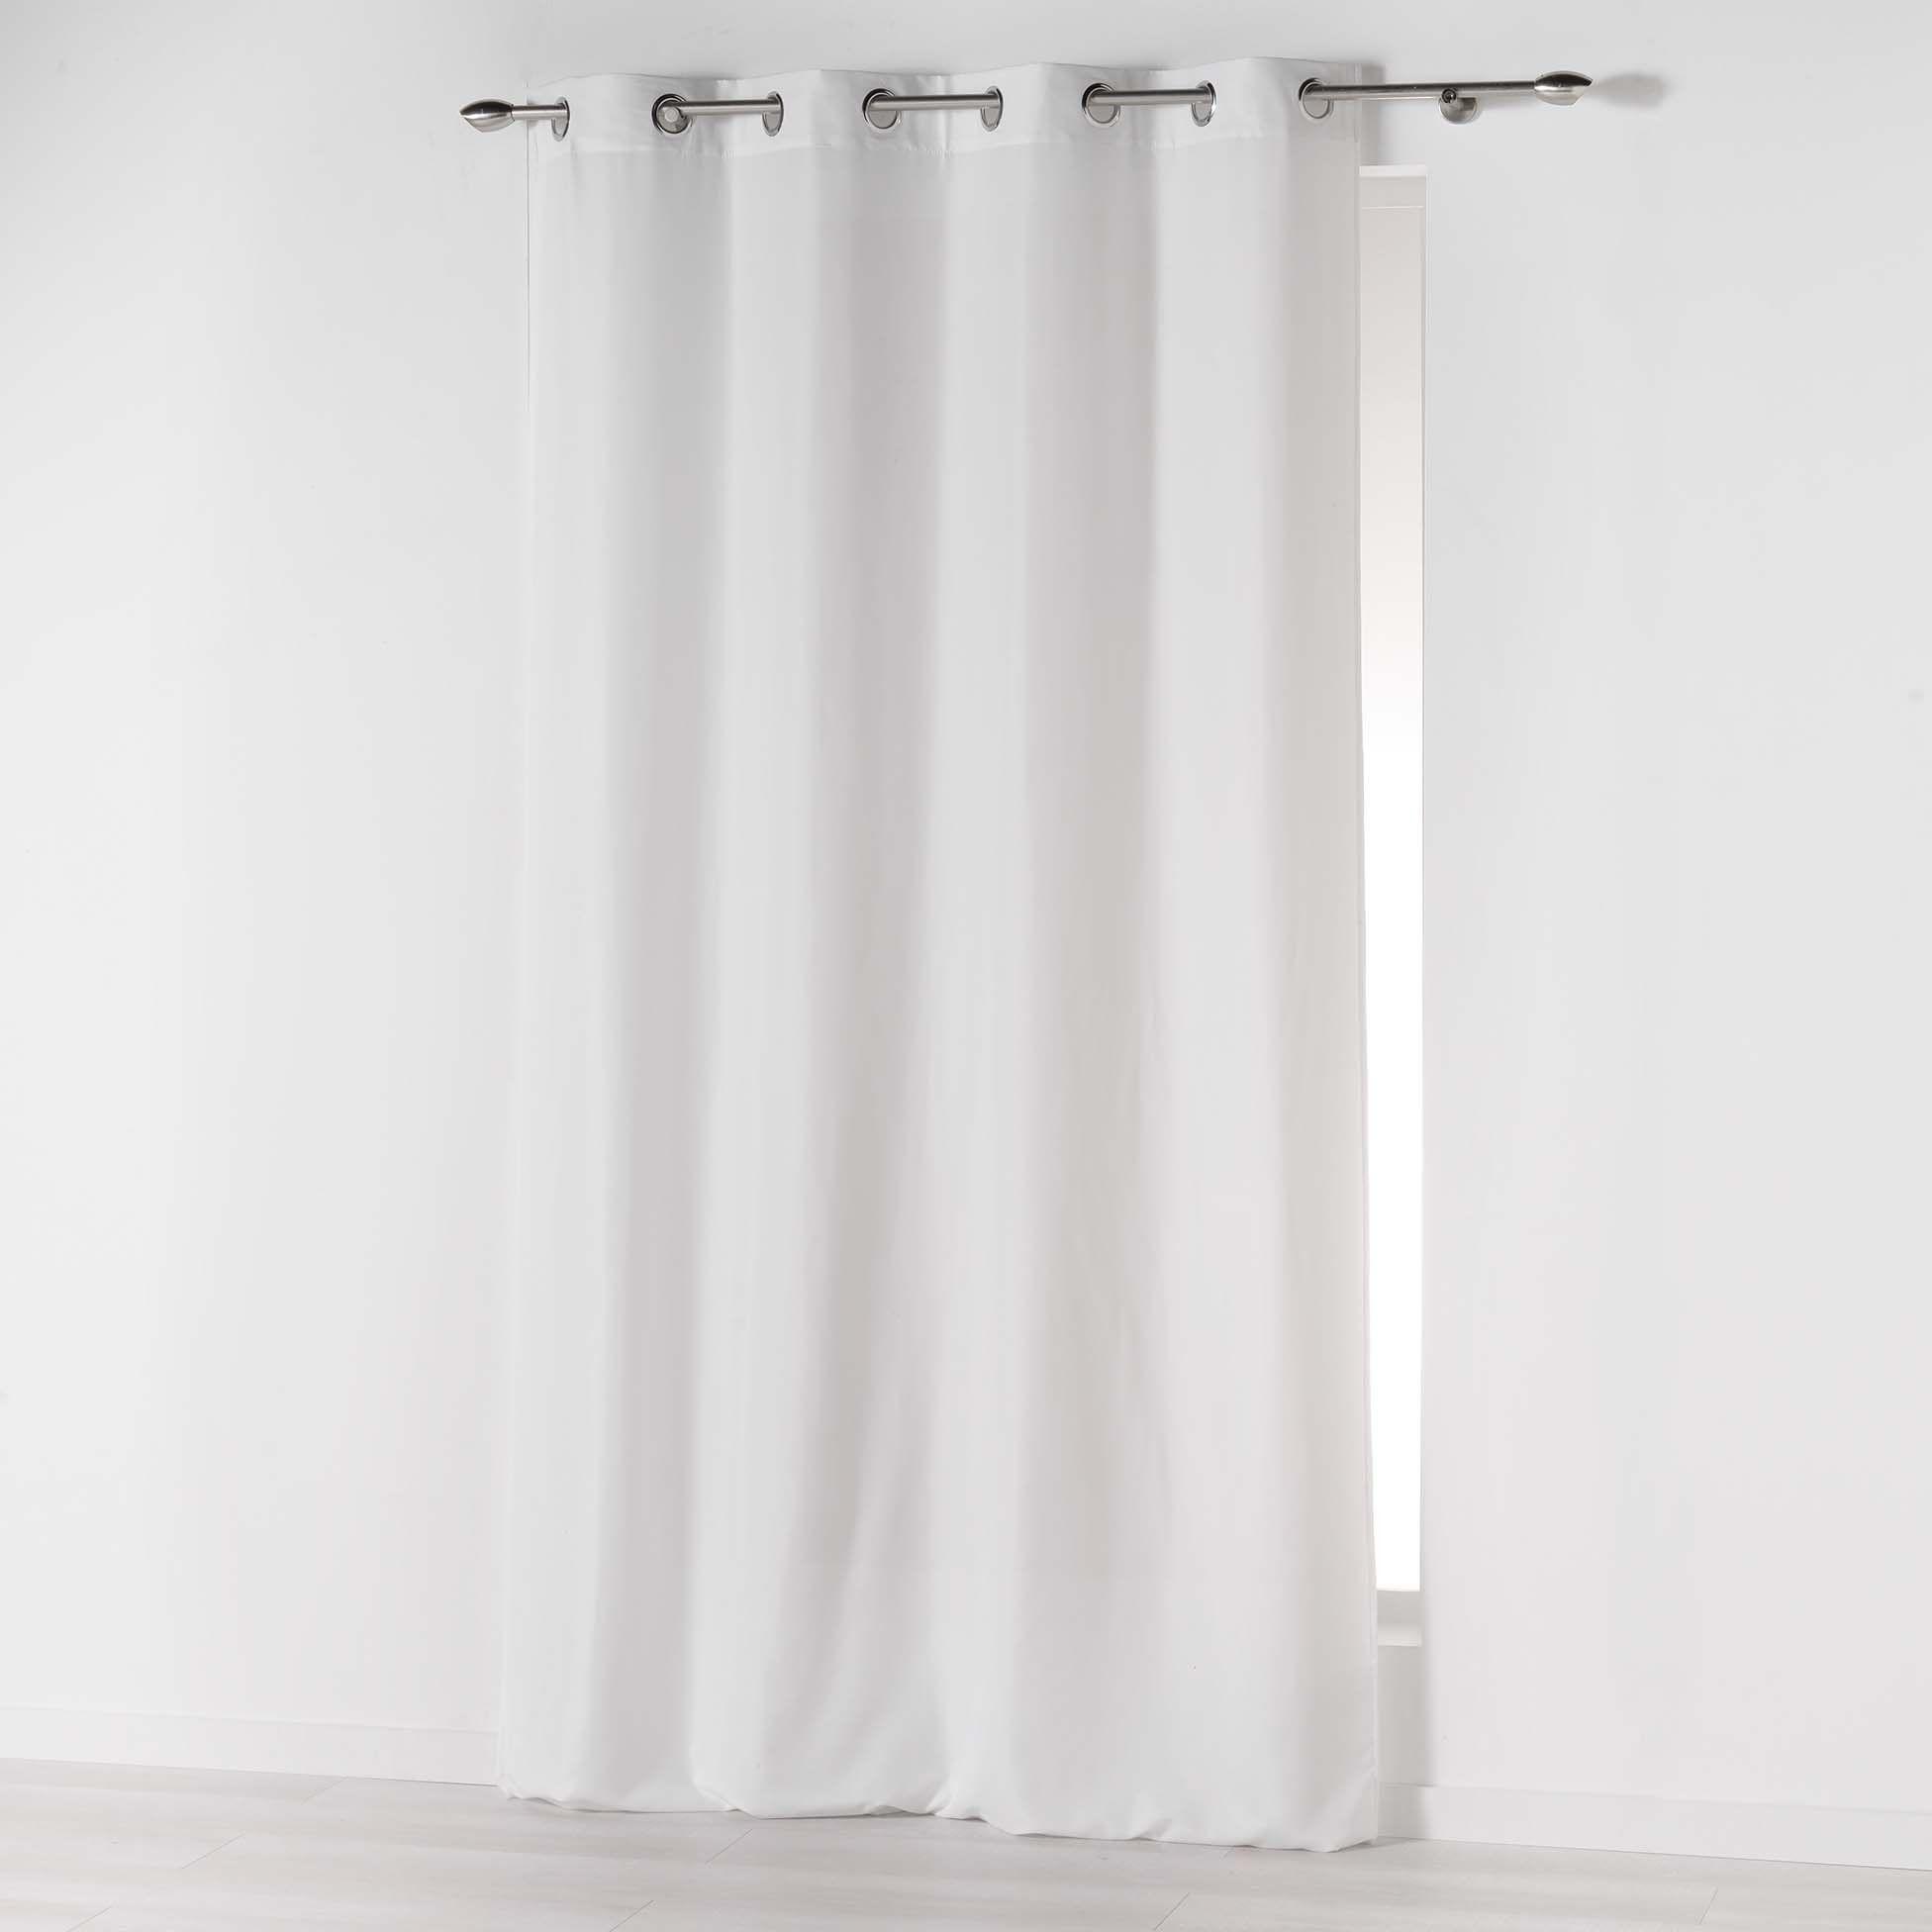 Douceur d''Intérieur Absolu zasłona na oczkach, z mikrofibry, jednokolorowa, poliester, biała, 280 x 140 cm